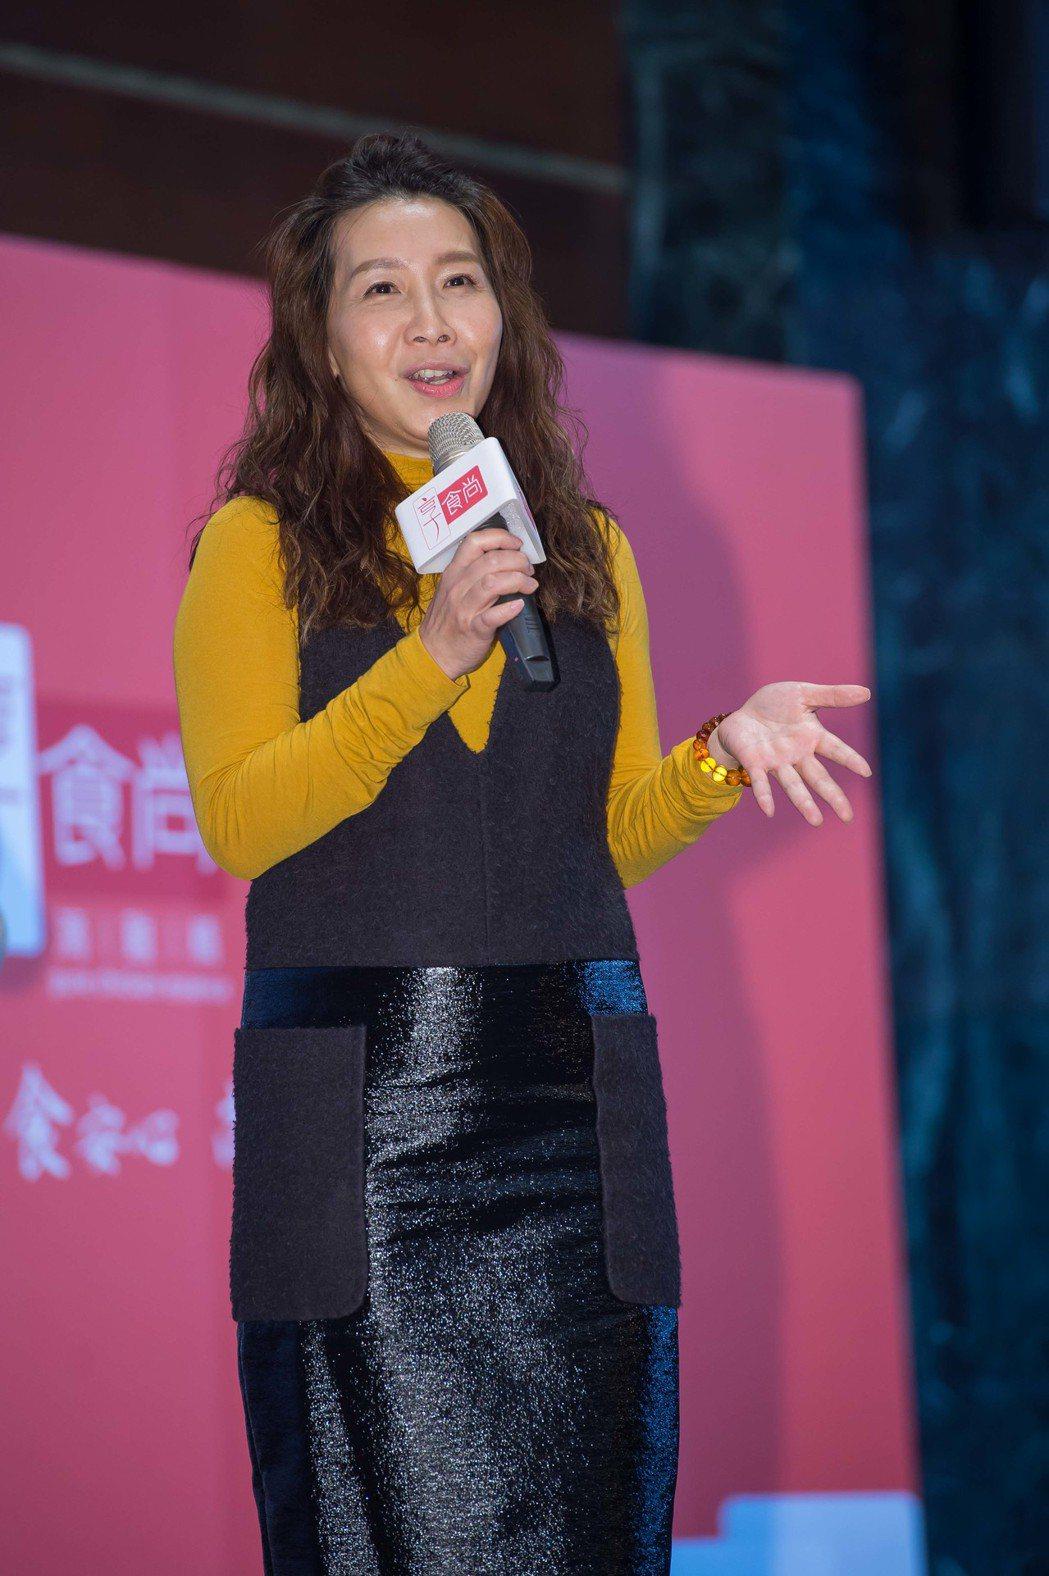 朱蓓苓來自民視,如今在TVBS開賣雞精。圖/TVBS提供